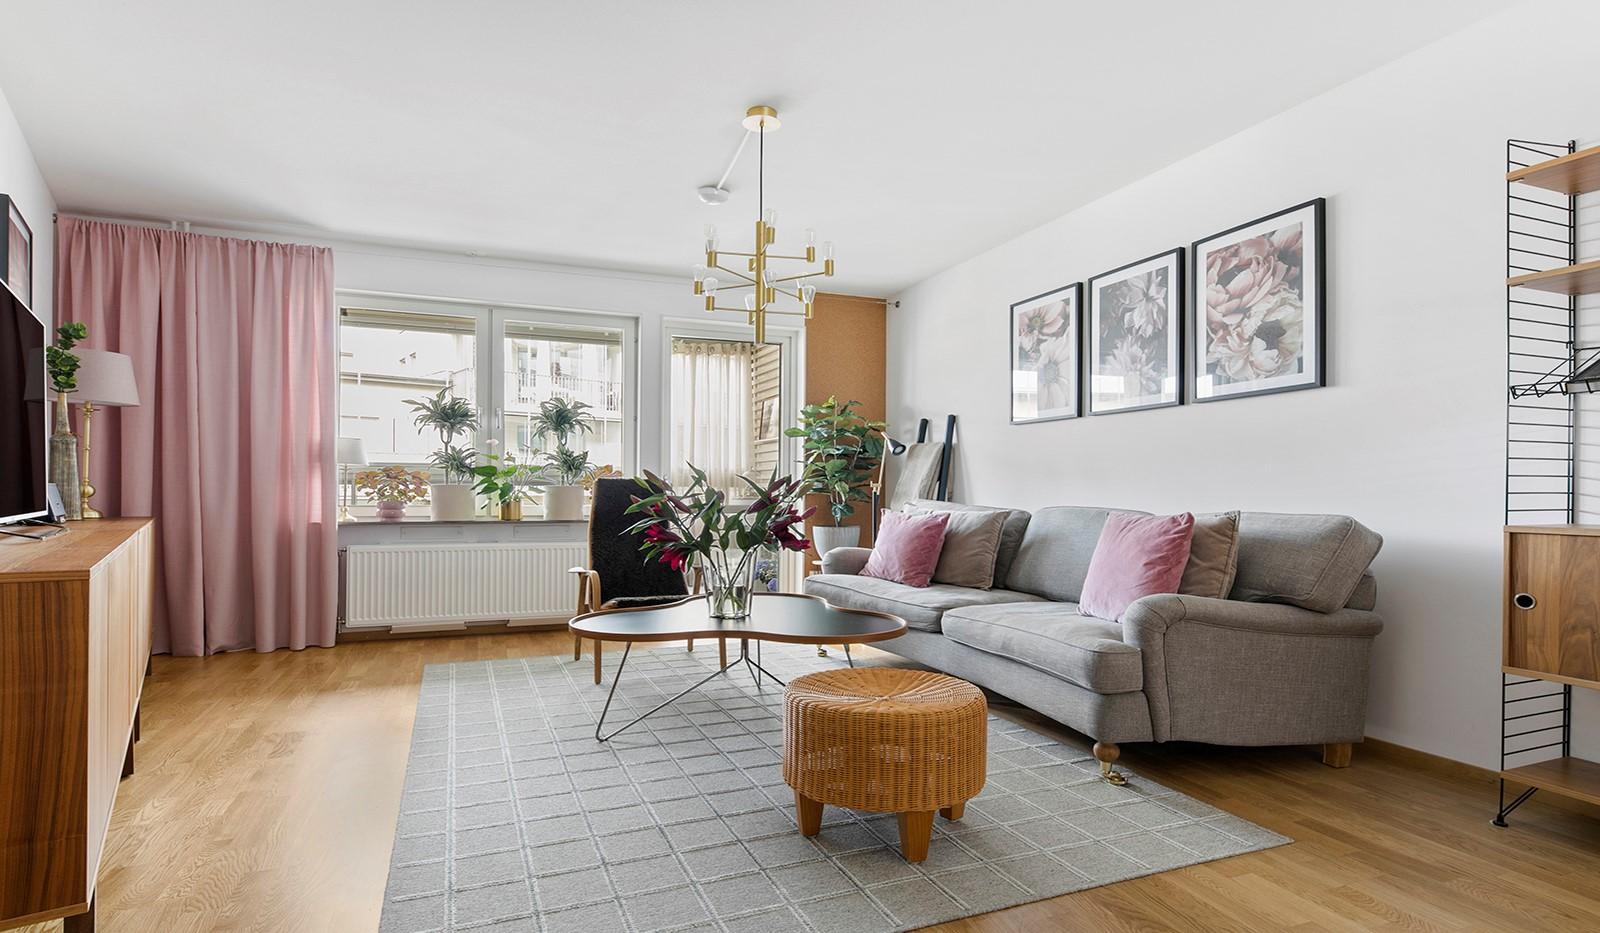 Sjöviksbacken 55, 4 tr - Lust och luftigt vardagsrum